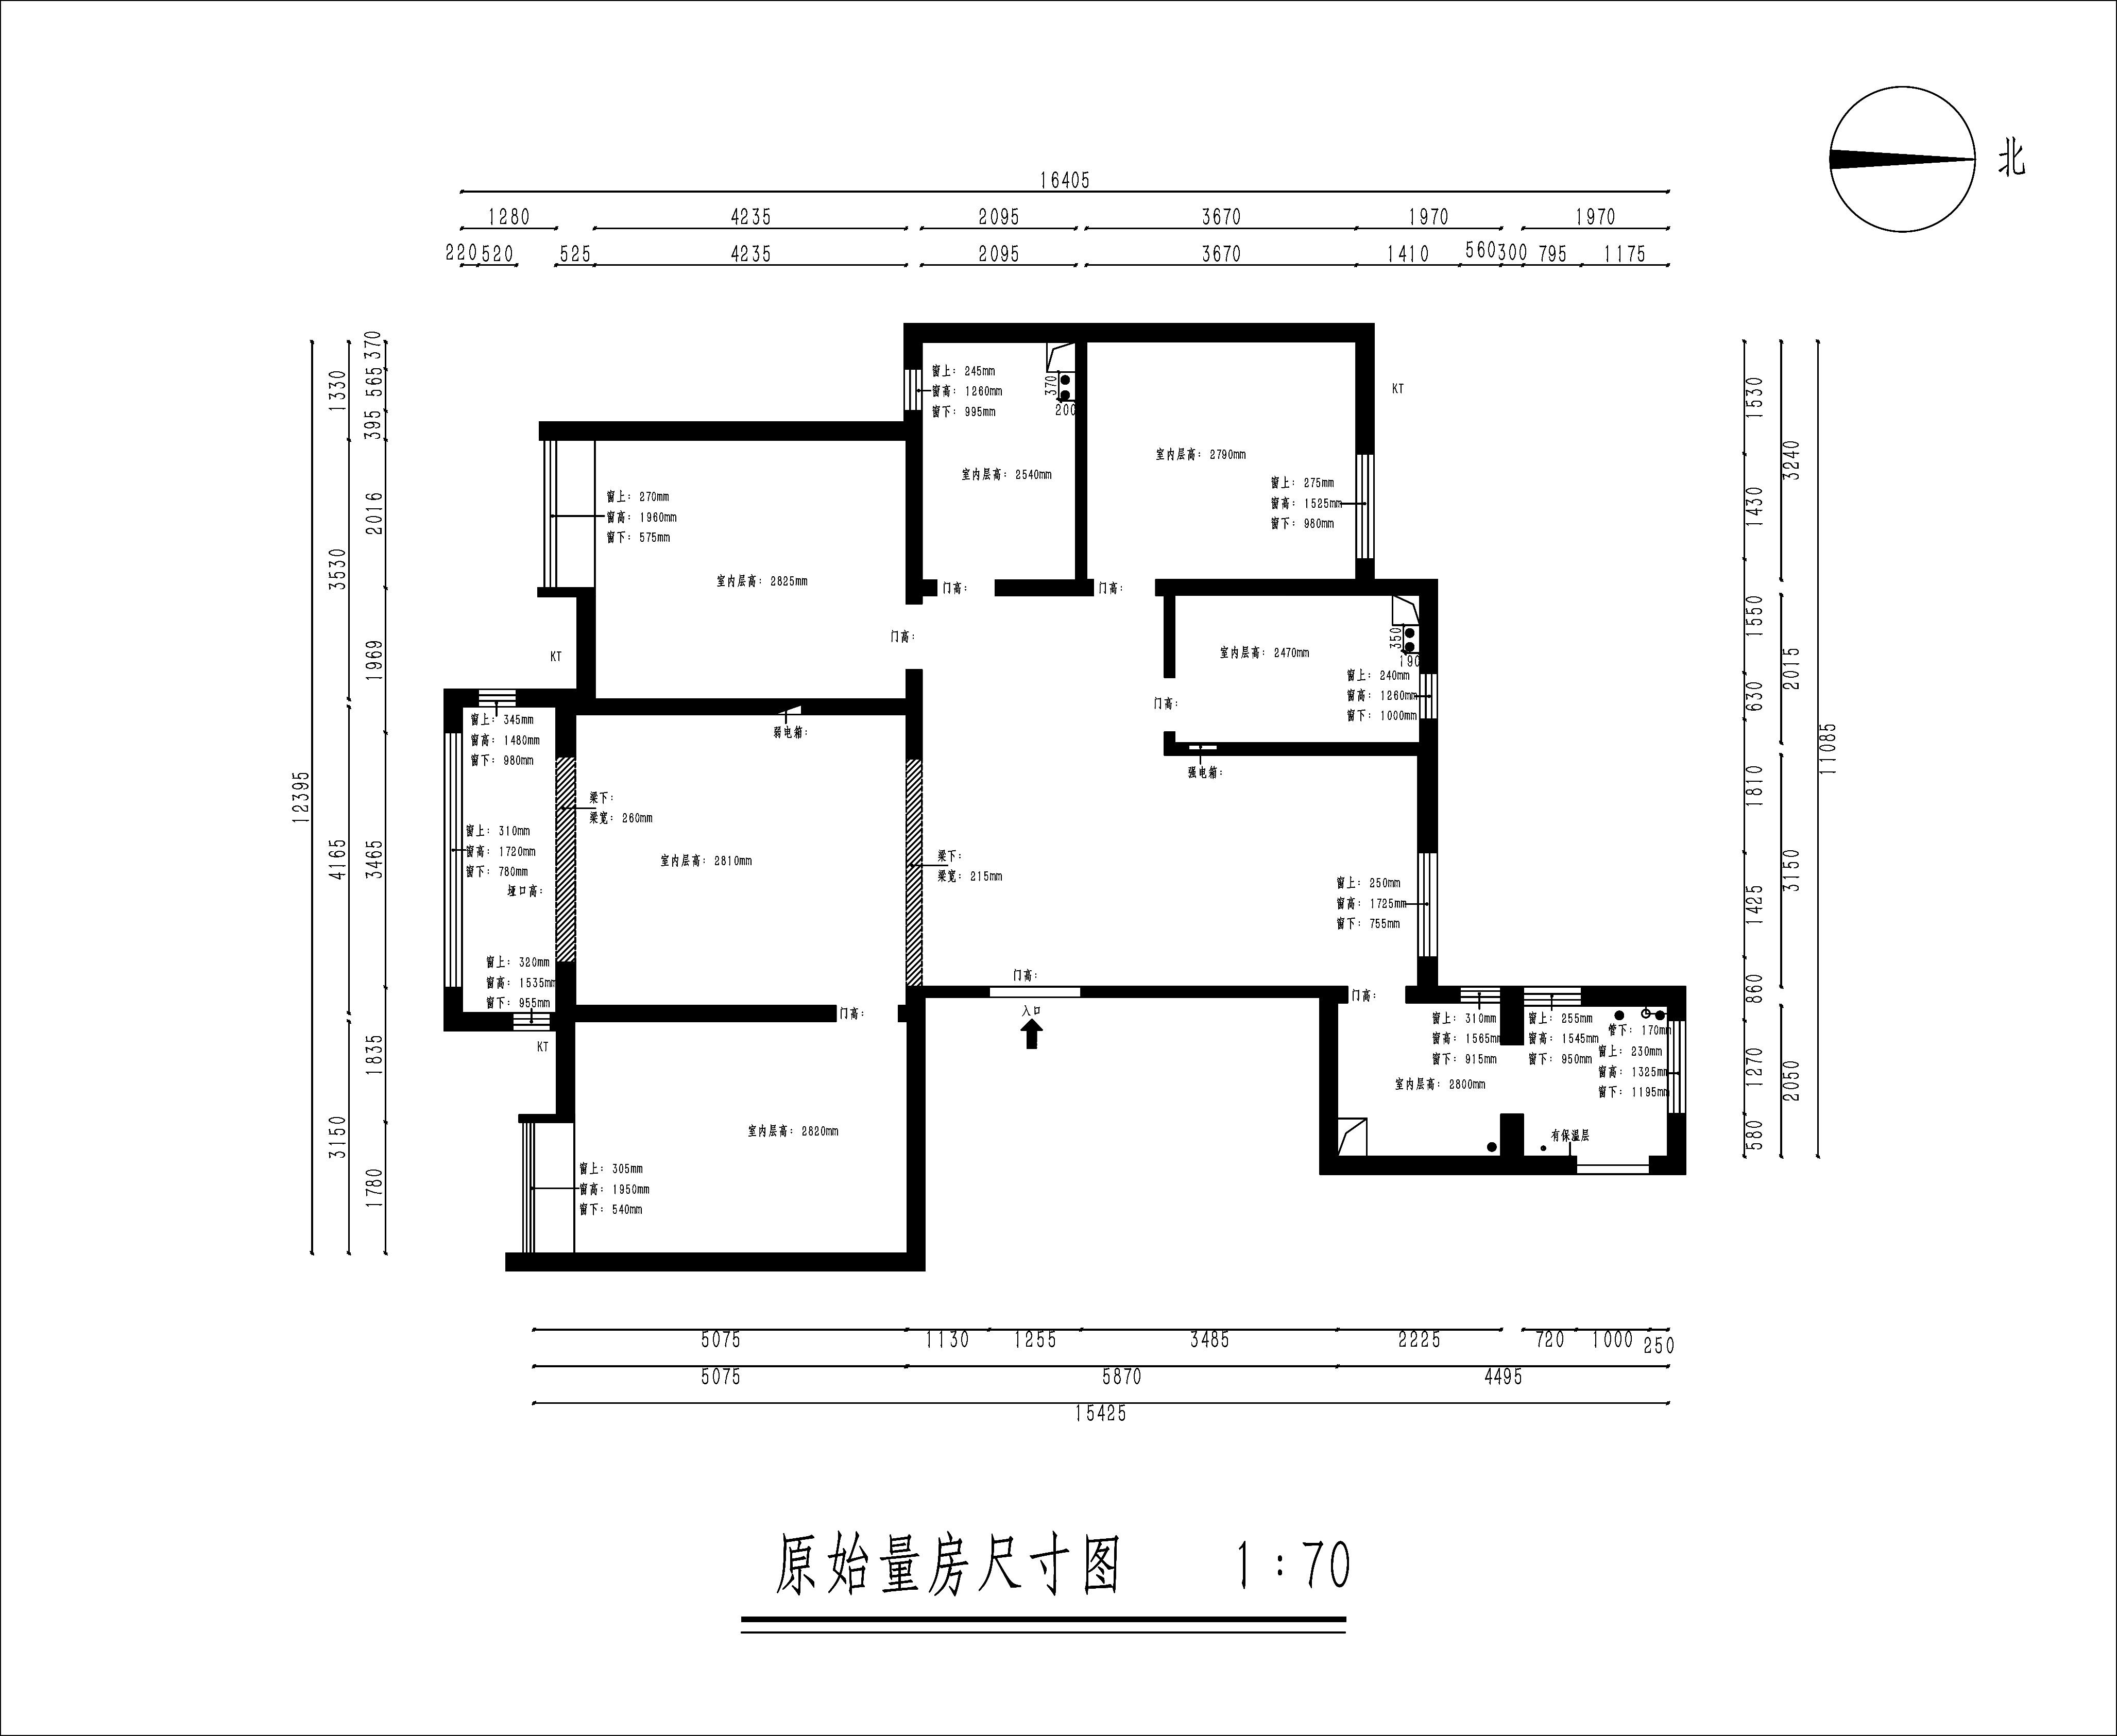 首开国风琅樾三居现代中式设计风格装修设计理念